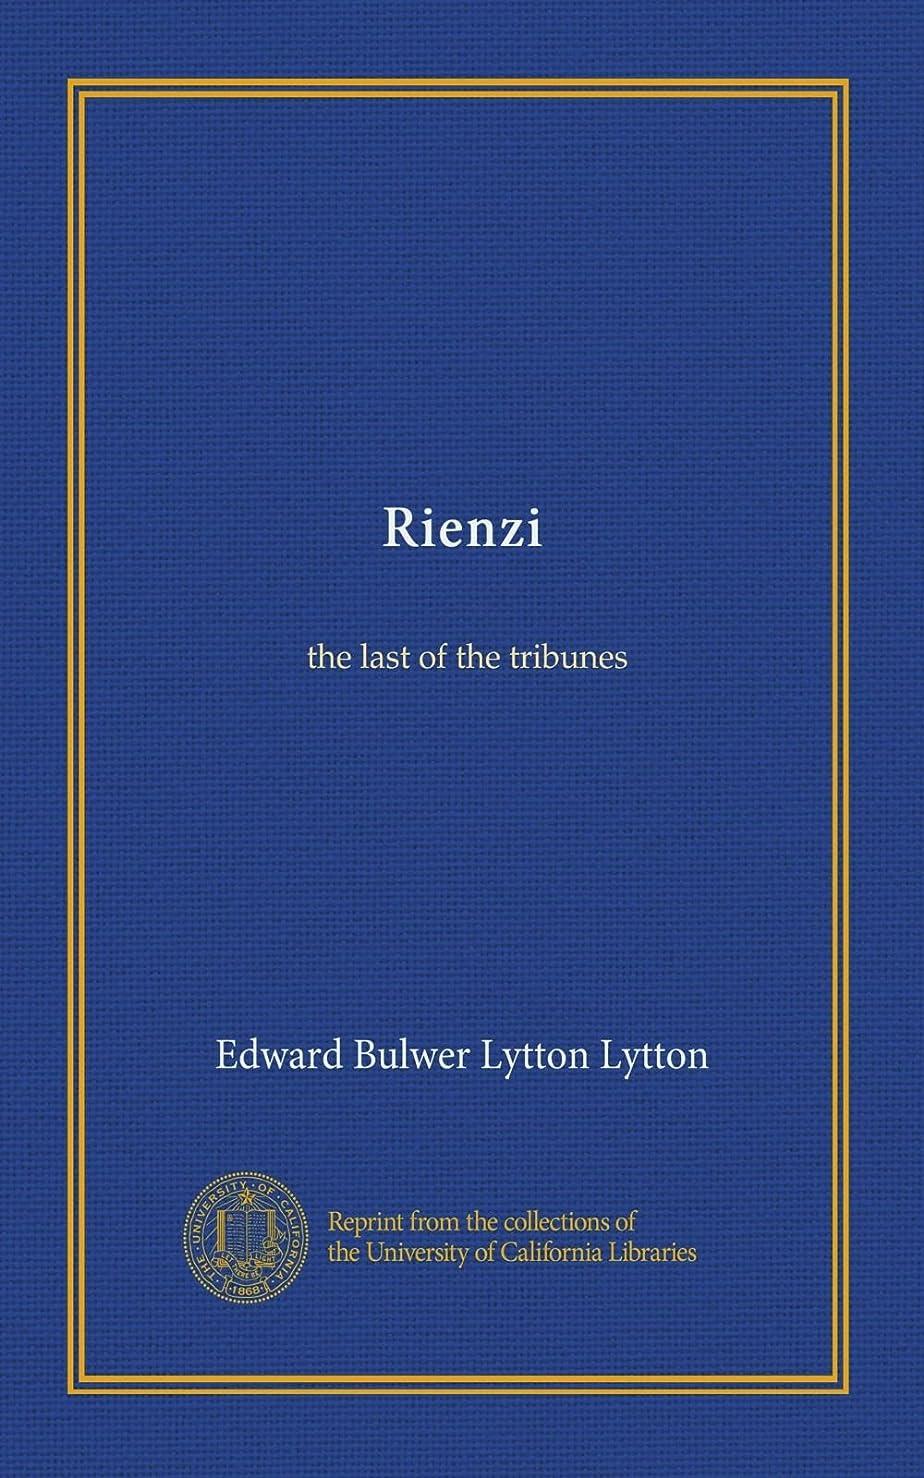 キャベツ尊敬する愛情Rienzi (v.003): the last of the tribunes